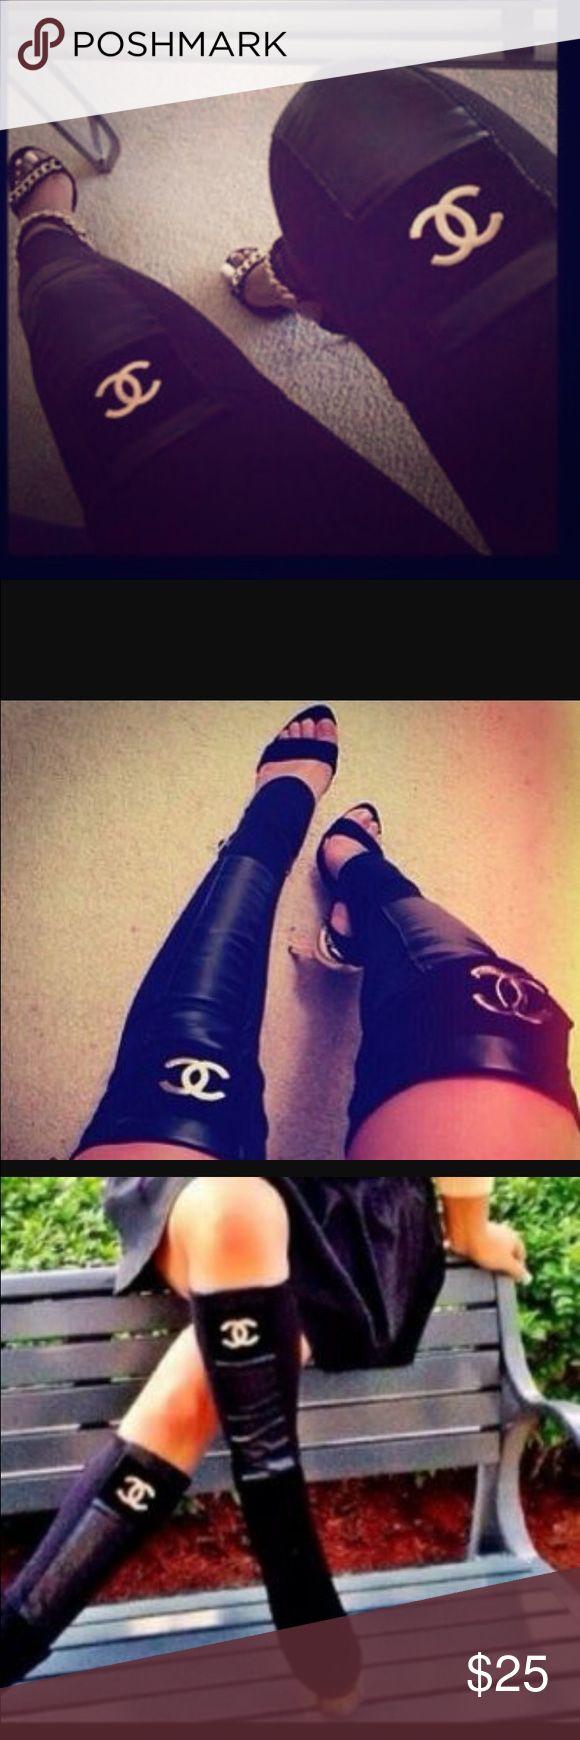 Women's leather leg warmers Leather/Cotton leg warmers for women Accessories Hosiery & Socks